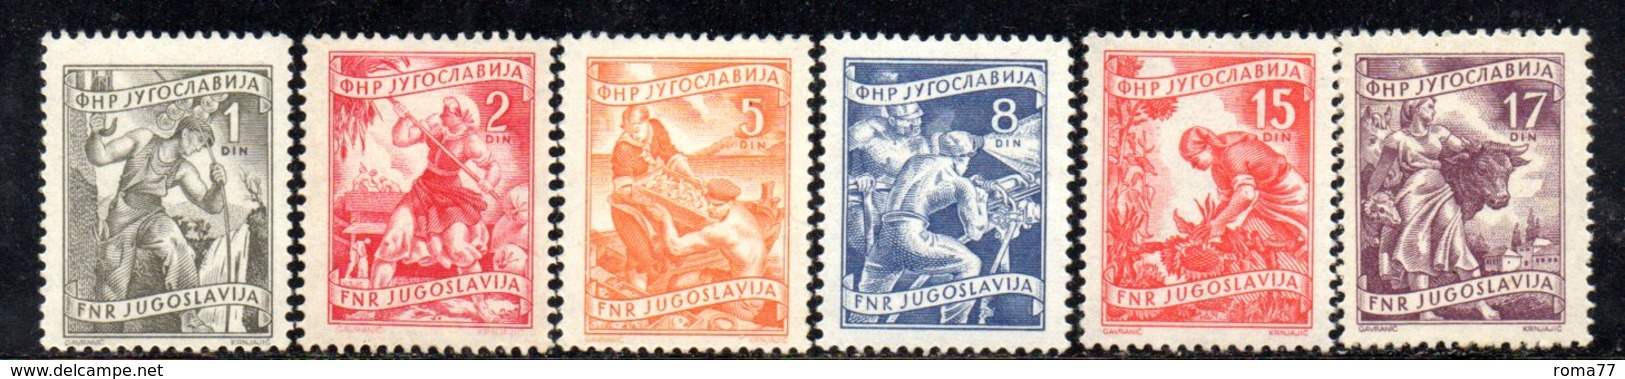 T1177 - YUGOSLAVIA 1952 , Lavoro 3a Serie Mista */* Manca 604+605 - 1945-1992 Repubblica Socialista Federale Di Jugoslavia